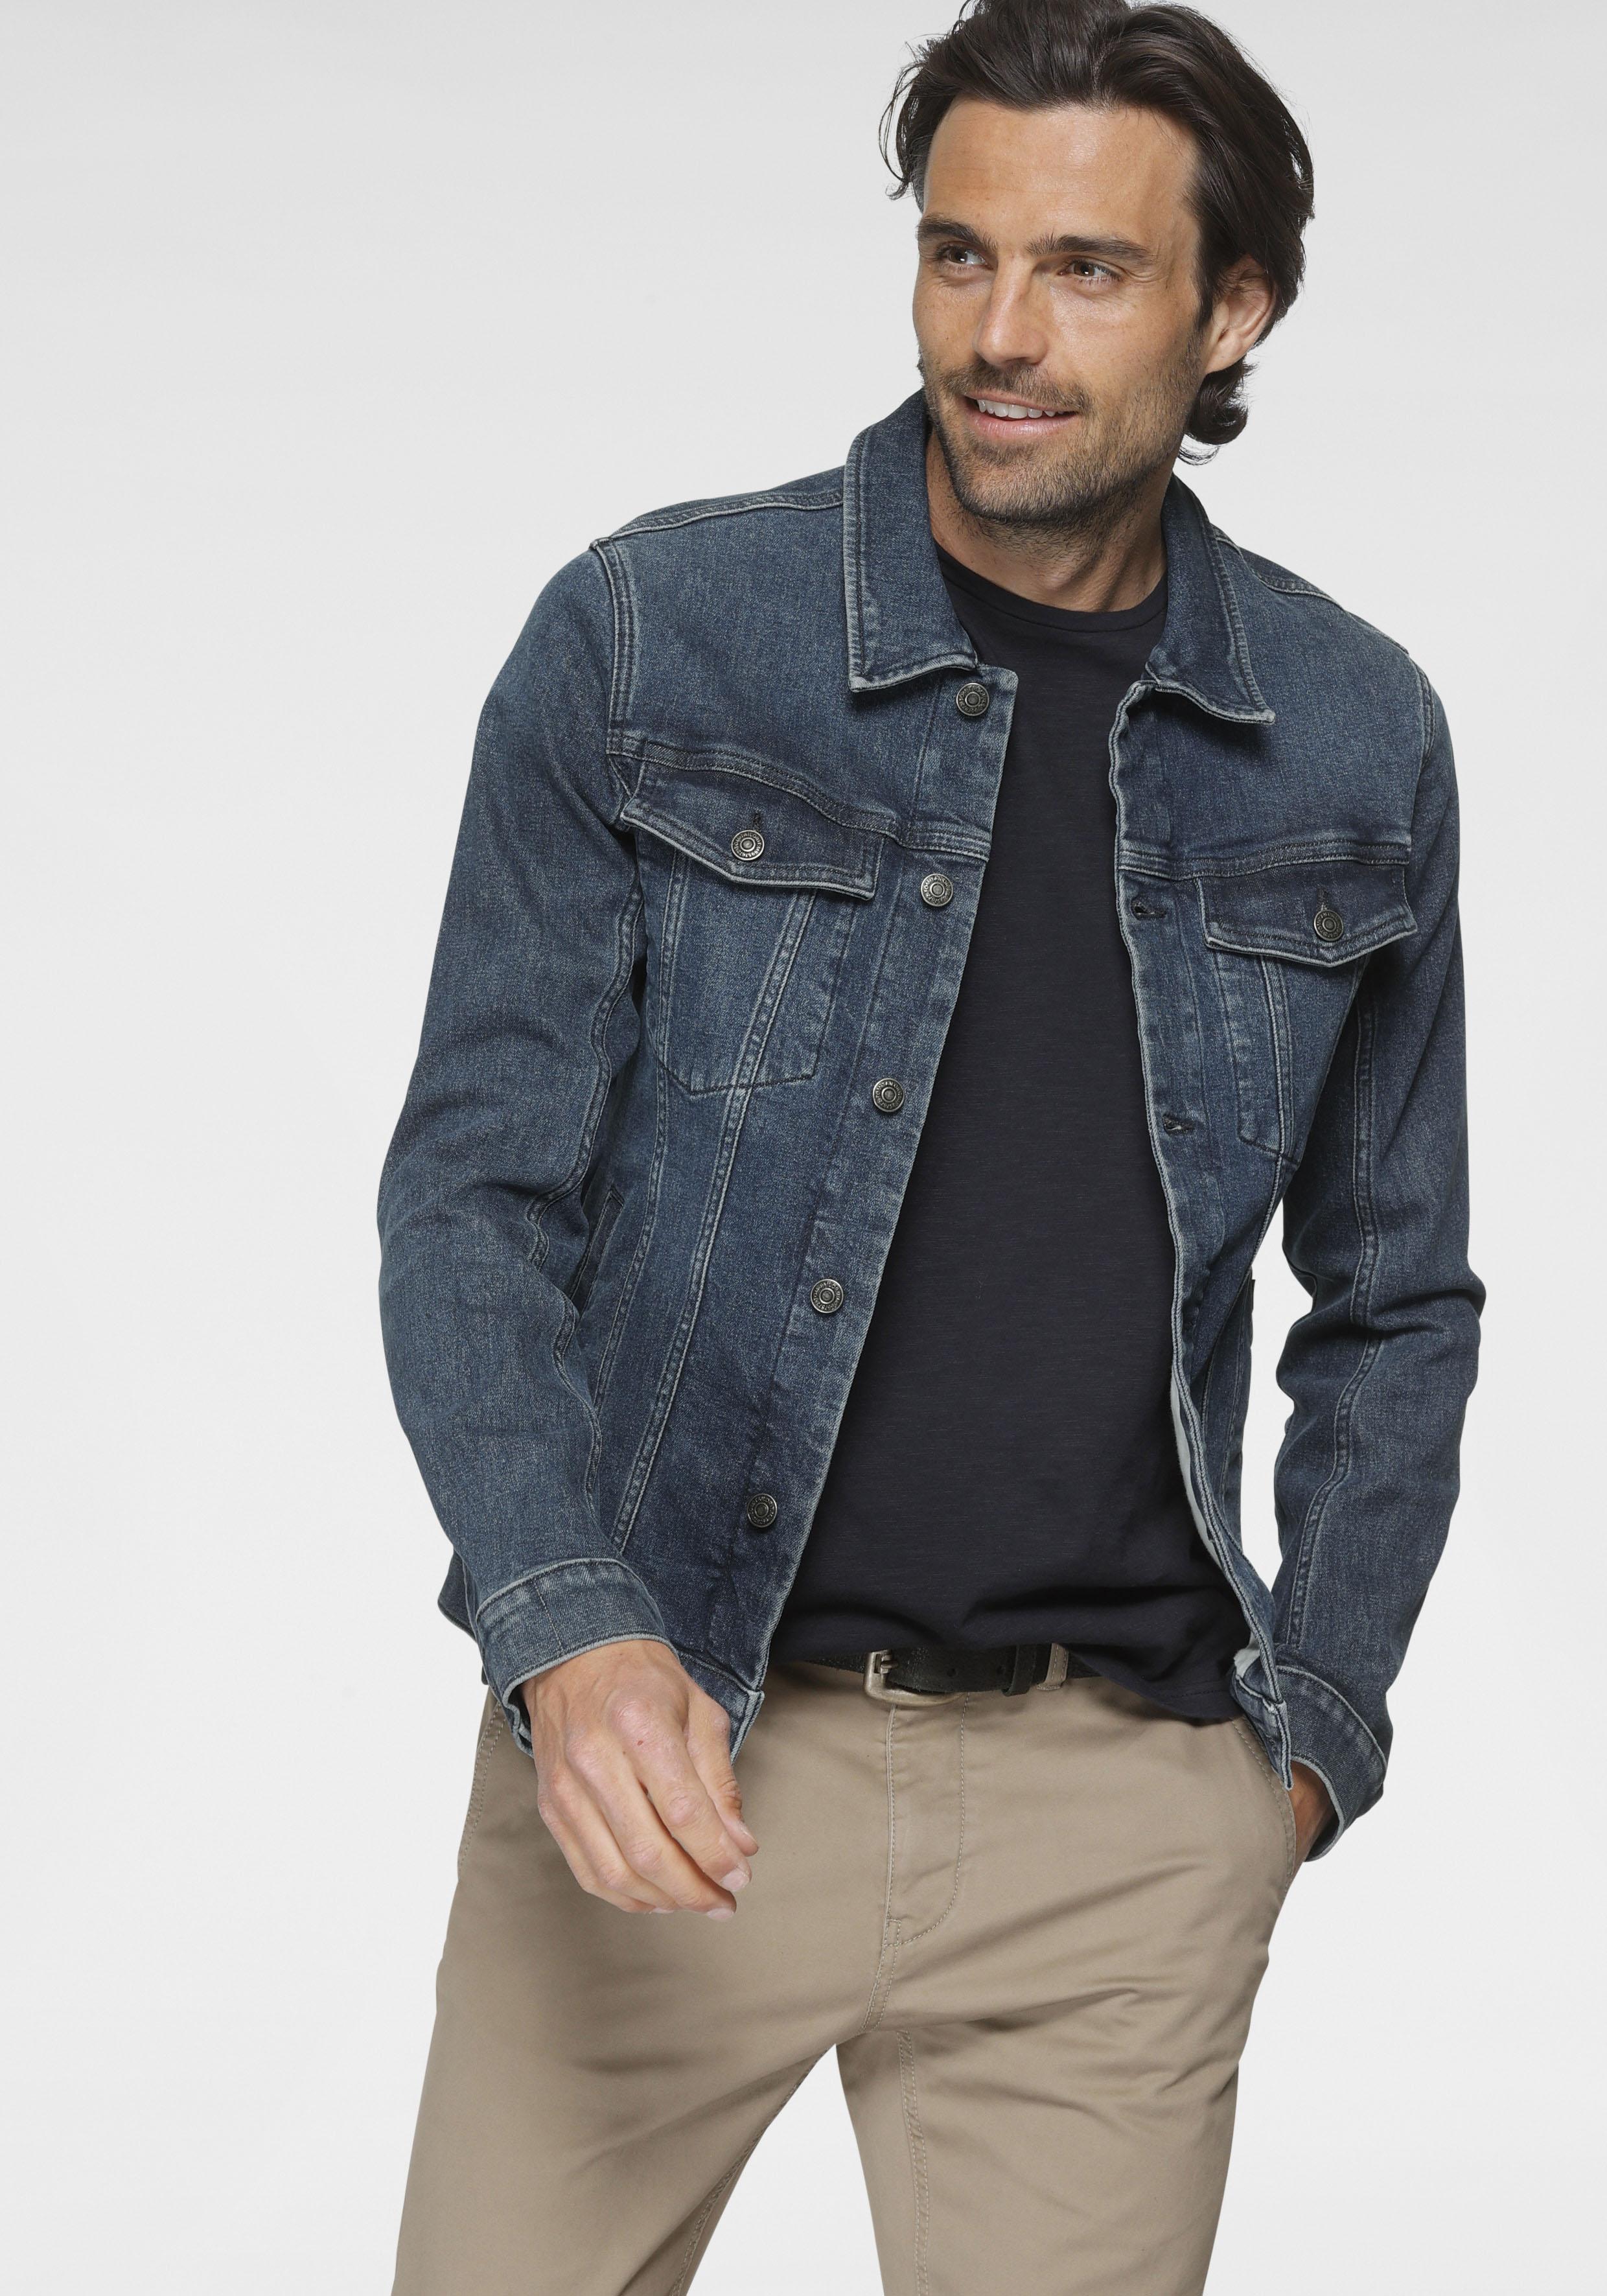 tom tailor -  Jeansjacke, mit Brusttaschen, sowie Eingrifftaschen auf der Frontseite